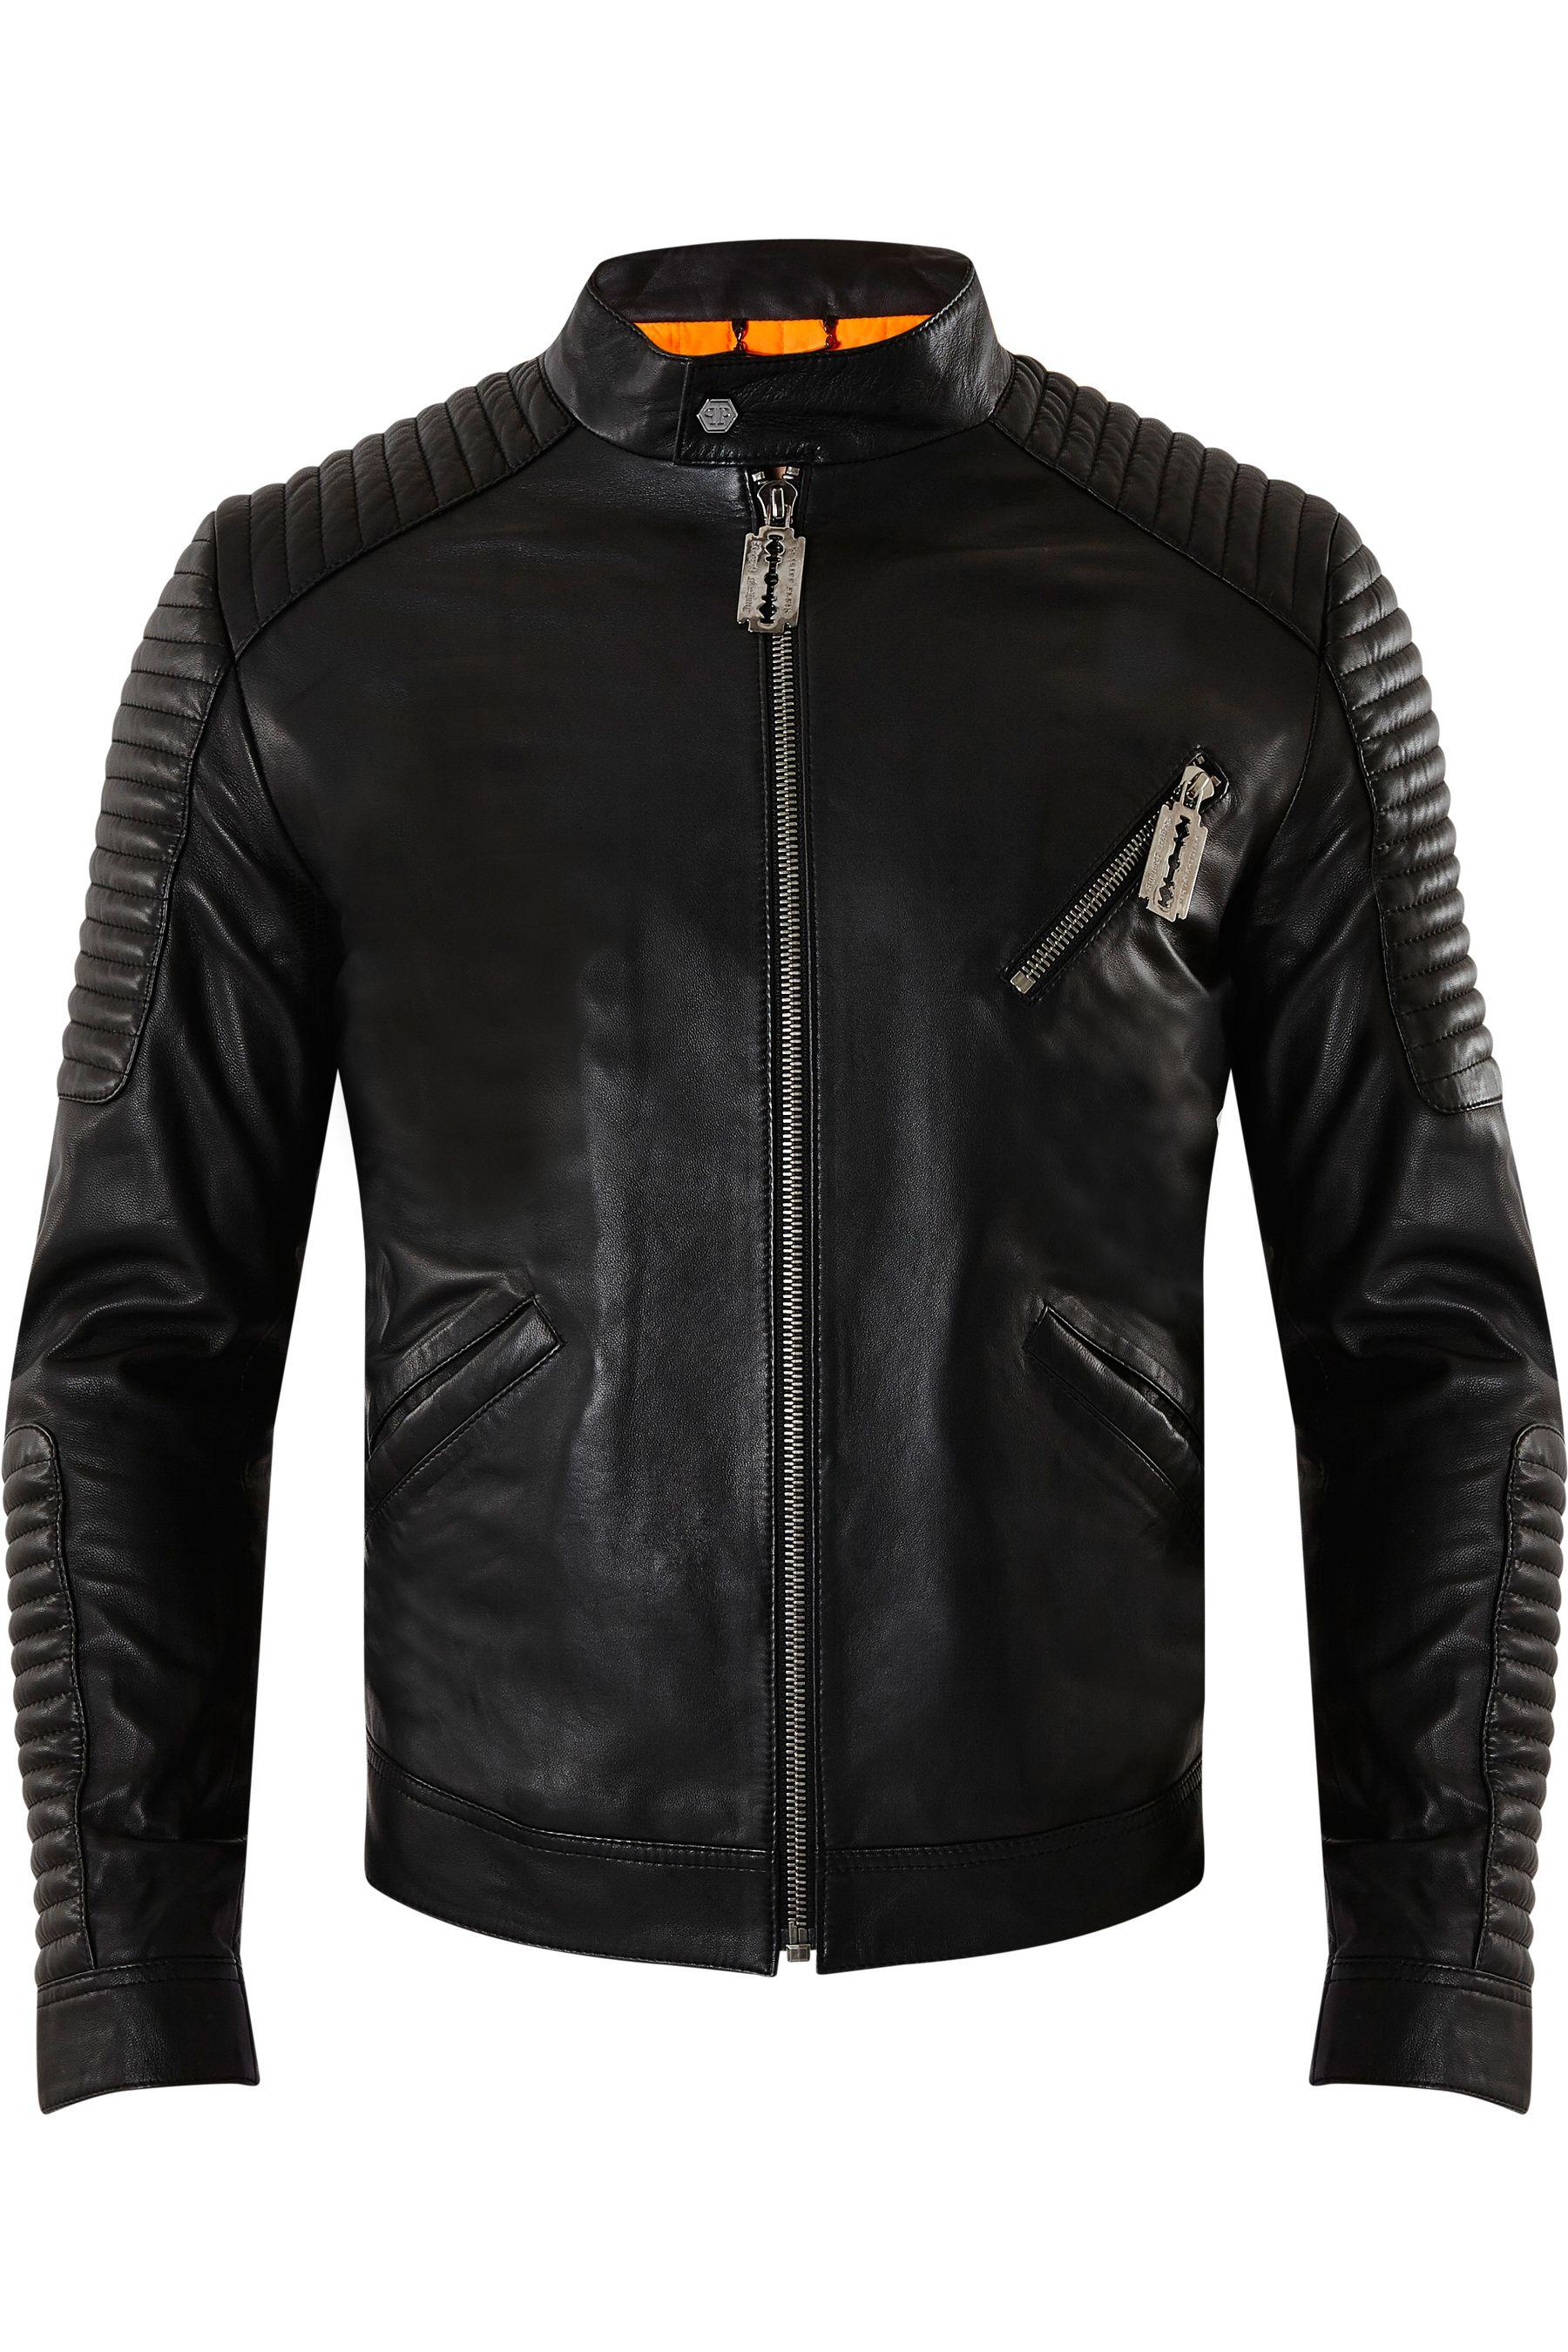 Philipp plein designer jacket